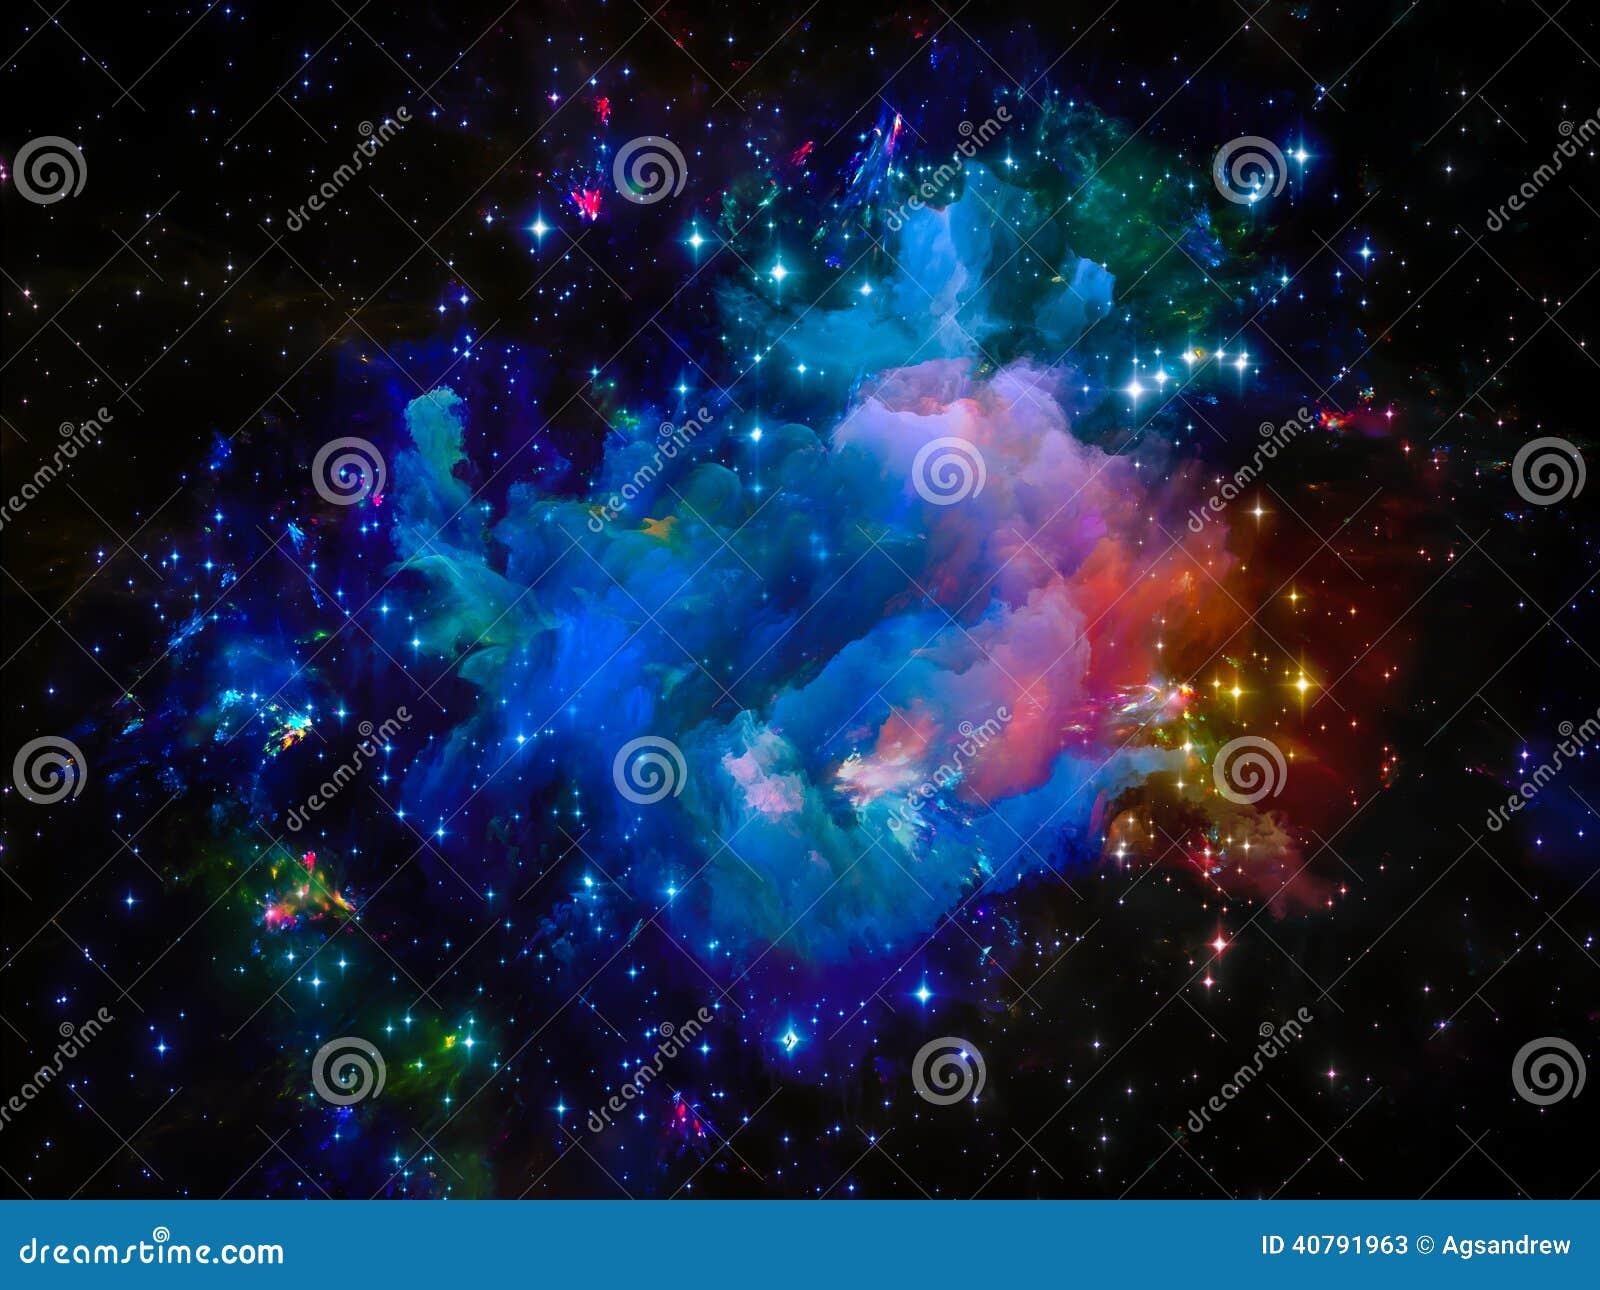 Cosmic Fantasy Fractal Blacklight: Cosmic Nebula Stock Photo